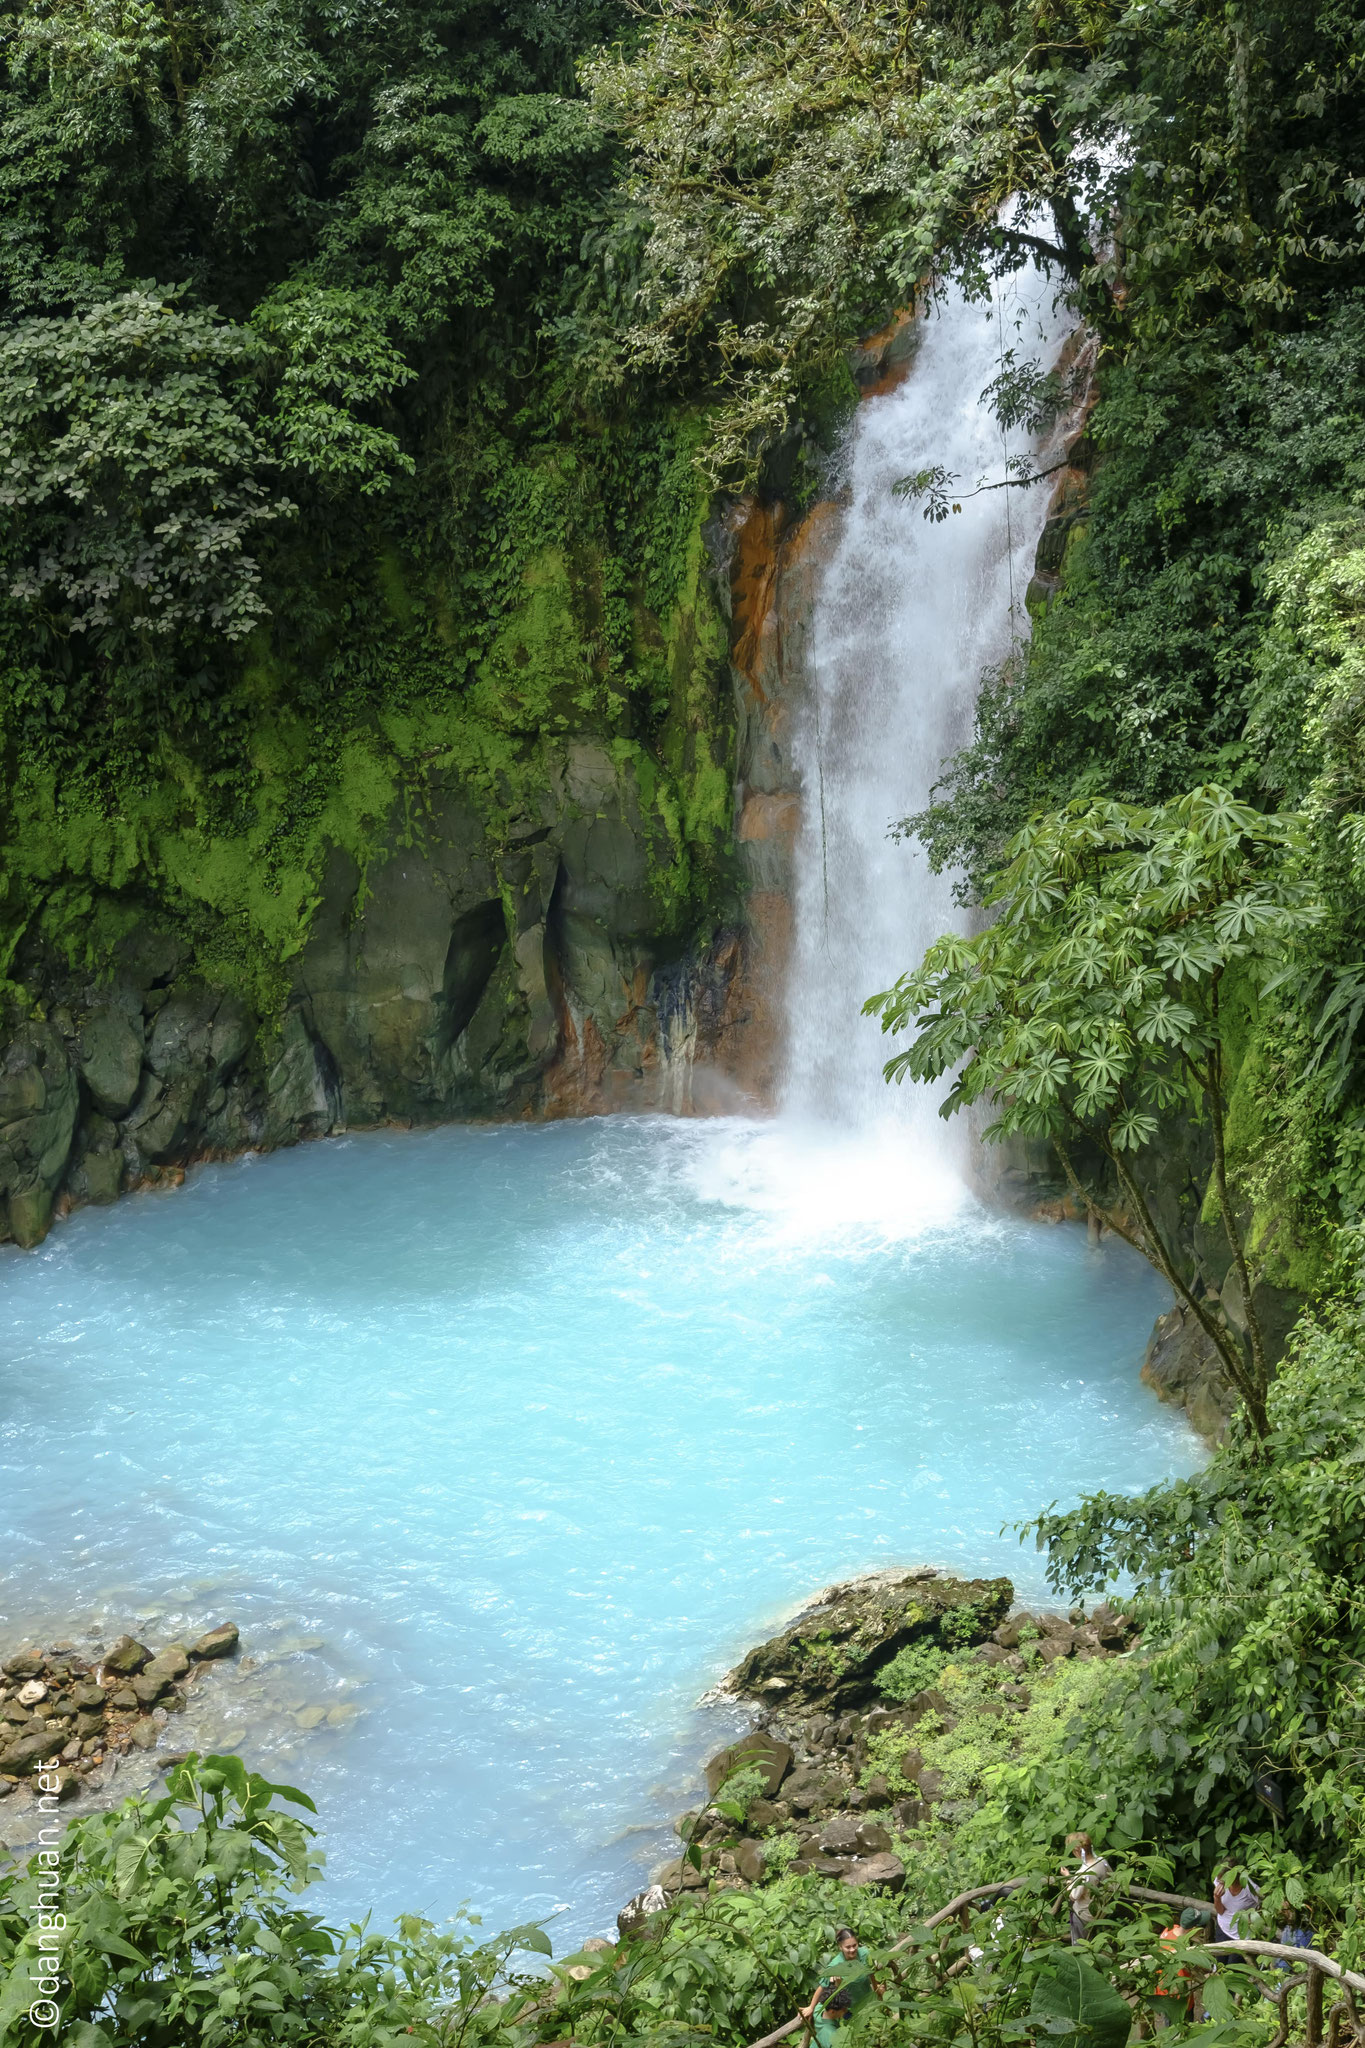 la cascade du Rio Celeste est d'un bleu irréel. La légende raconte que lorsque Dieu termina de peindre le ciel en bleu, il rinça ses pinceaux dans le Rio Celeste